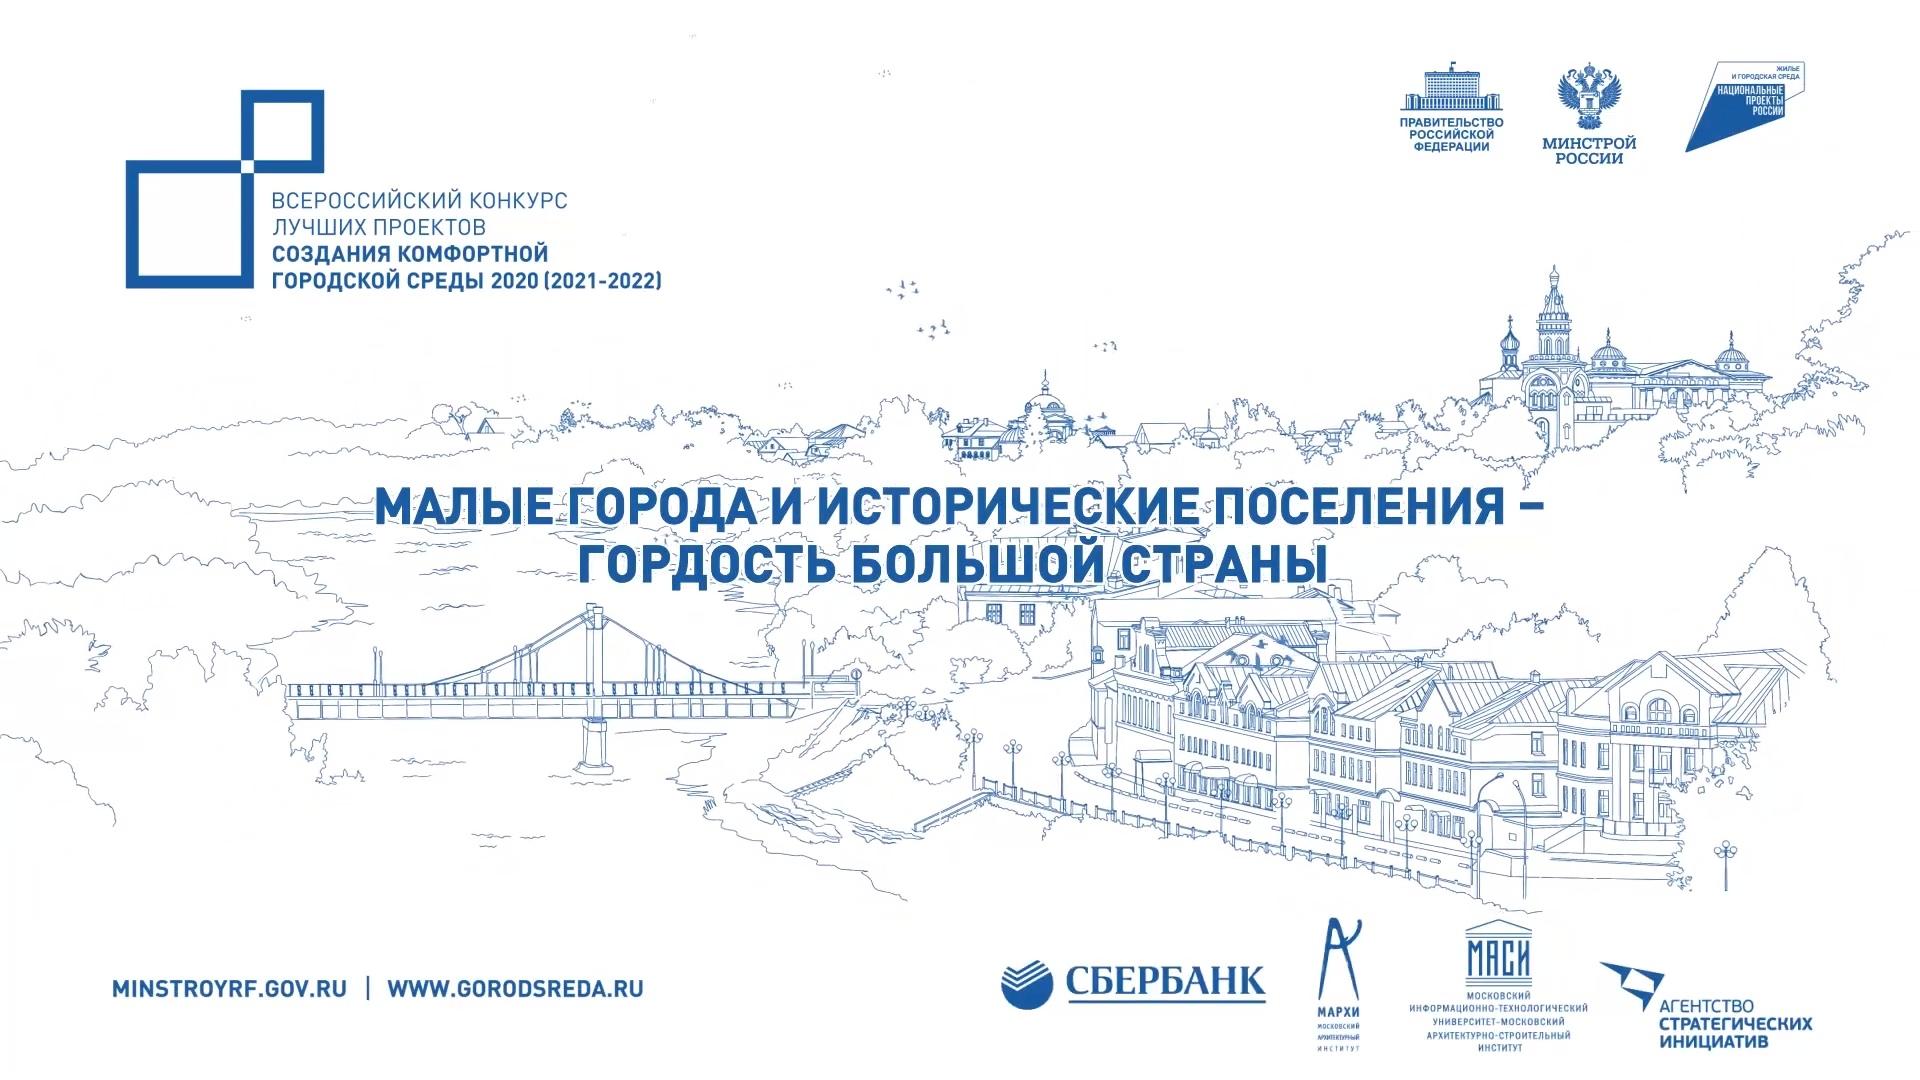 Победителями IV Всероссийского конкурса лучших проектов создания комфортной городской среды